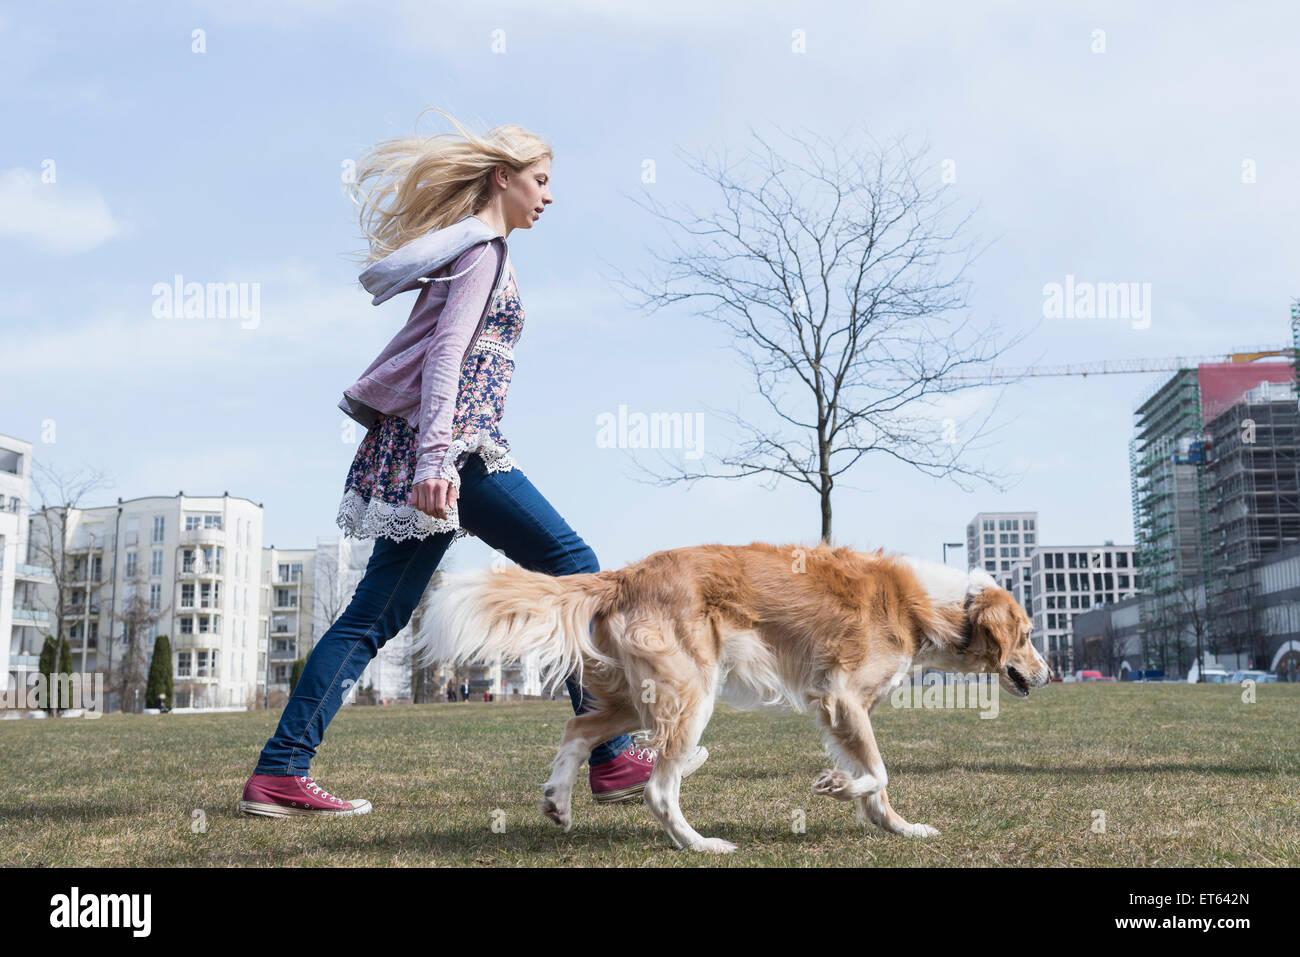 Seitenansicht des Mädchens zu Fuß im Park mit Hund, München, Bayern, Deutschland Stockbild